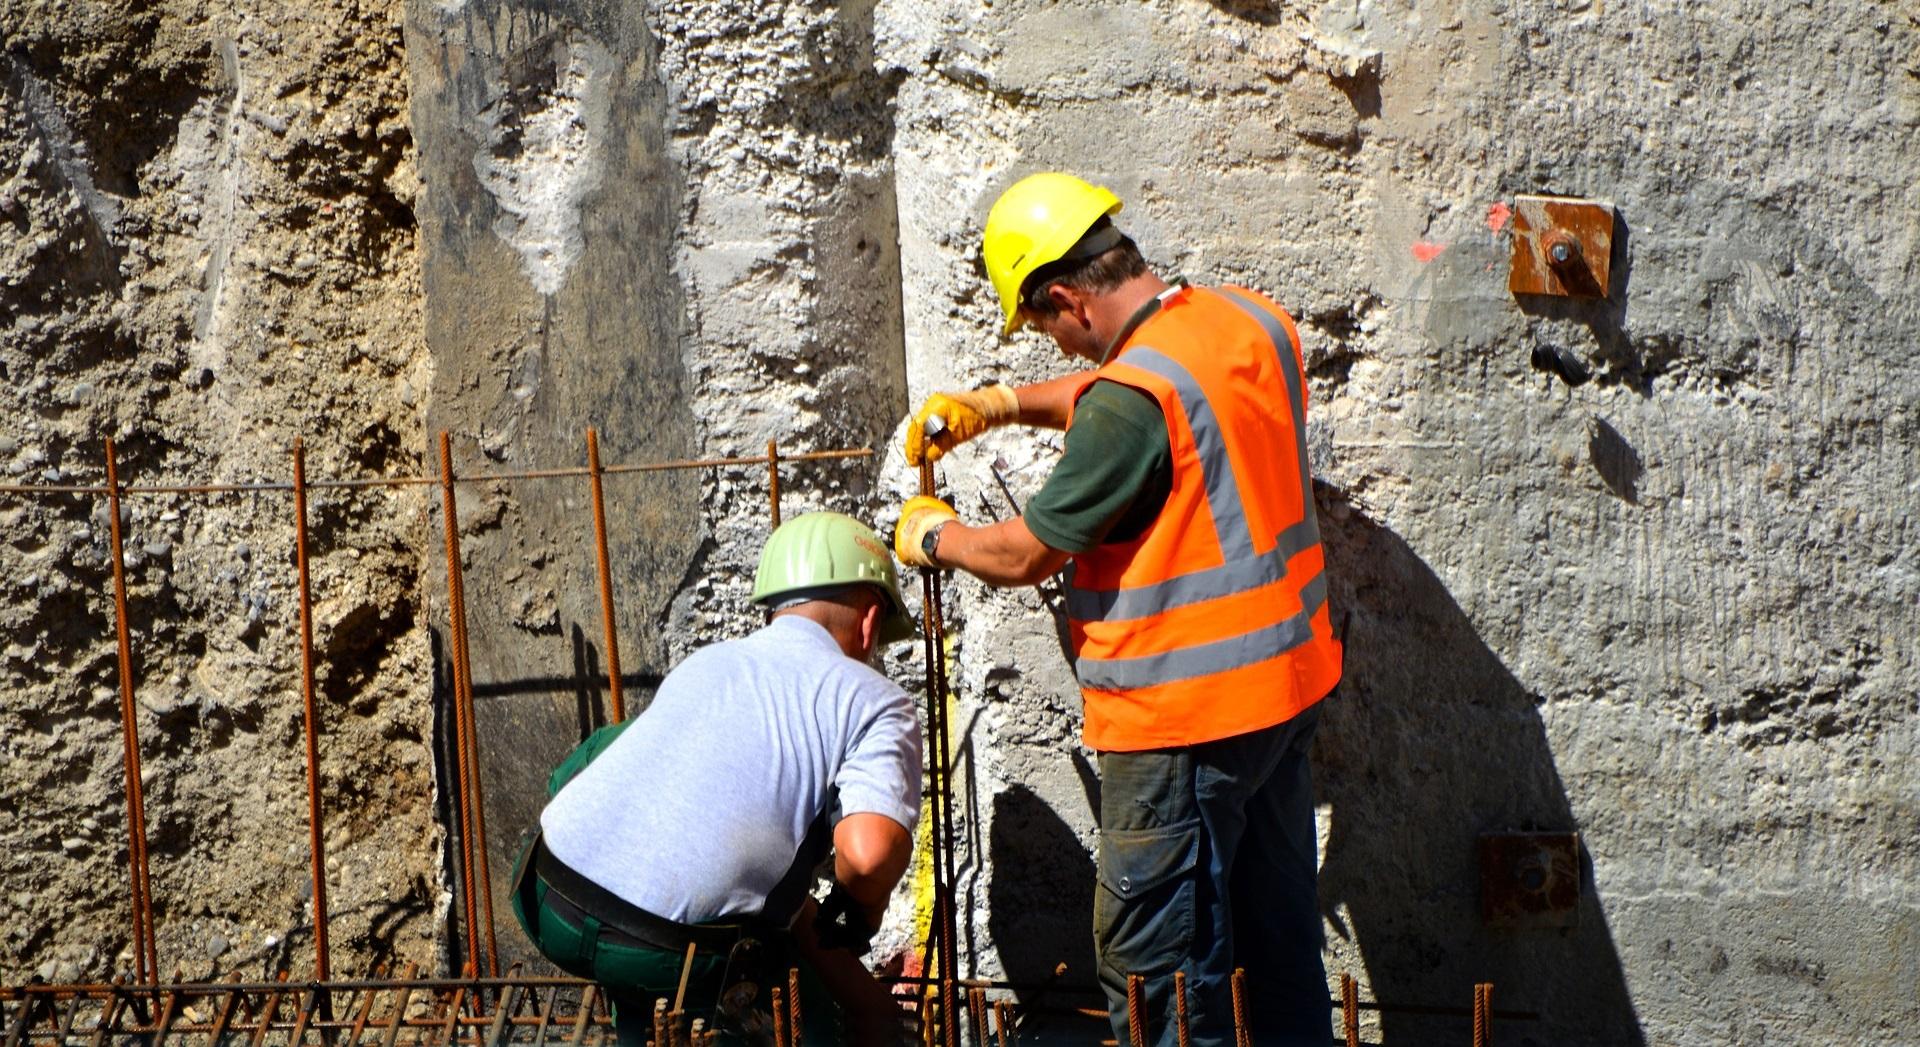 Schimmelpilzbefall vorbeugen Tipps Tricks Bautrocknung Duregger Bautrockner mieten München Miete Heizen Lüften Neubautrocknung Feuchtigkeit Luftentfeuchter Luftaustausch Neubau